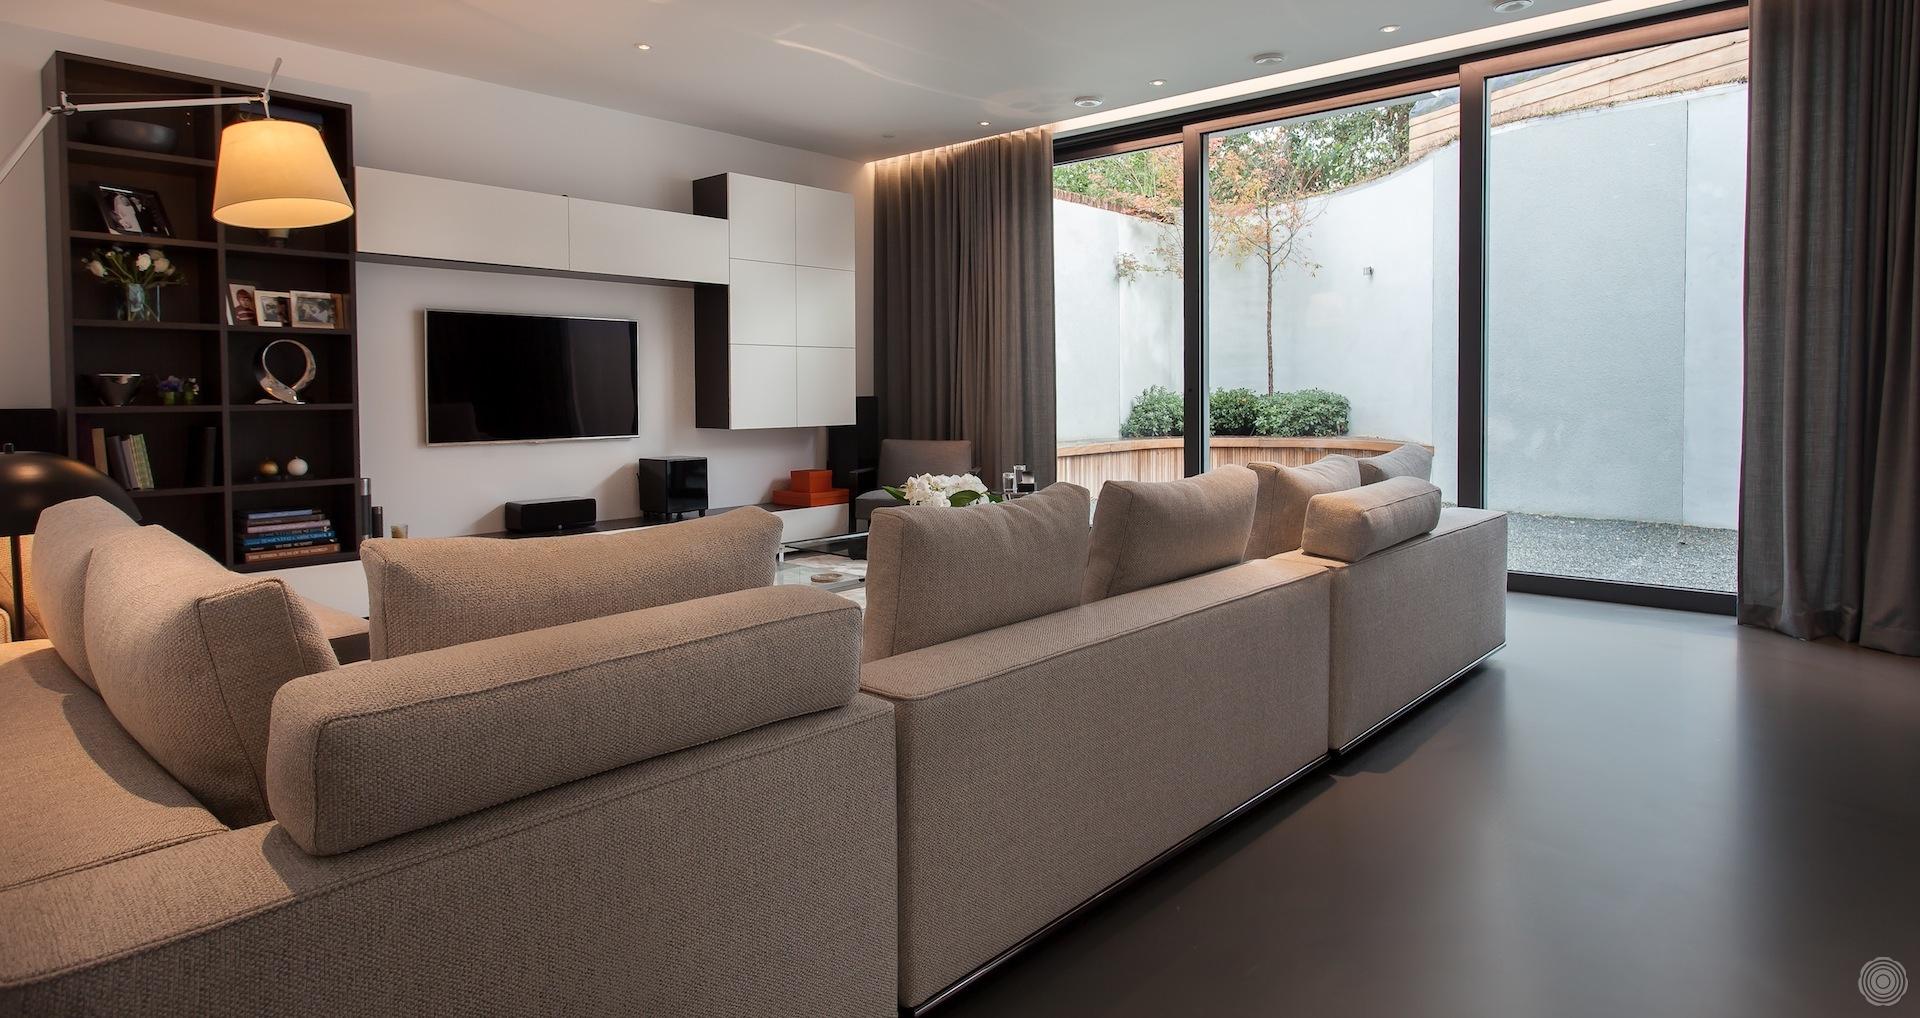 Gietvloer keuken houten elegant houten keuken beton eenvoudig